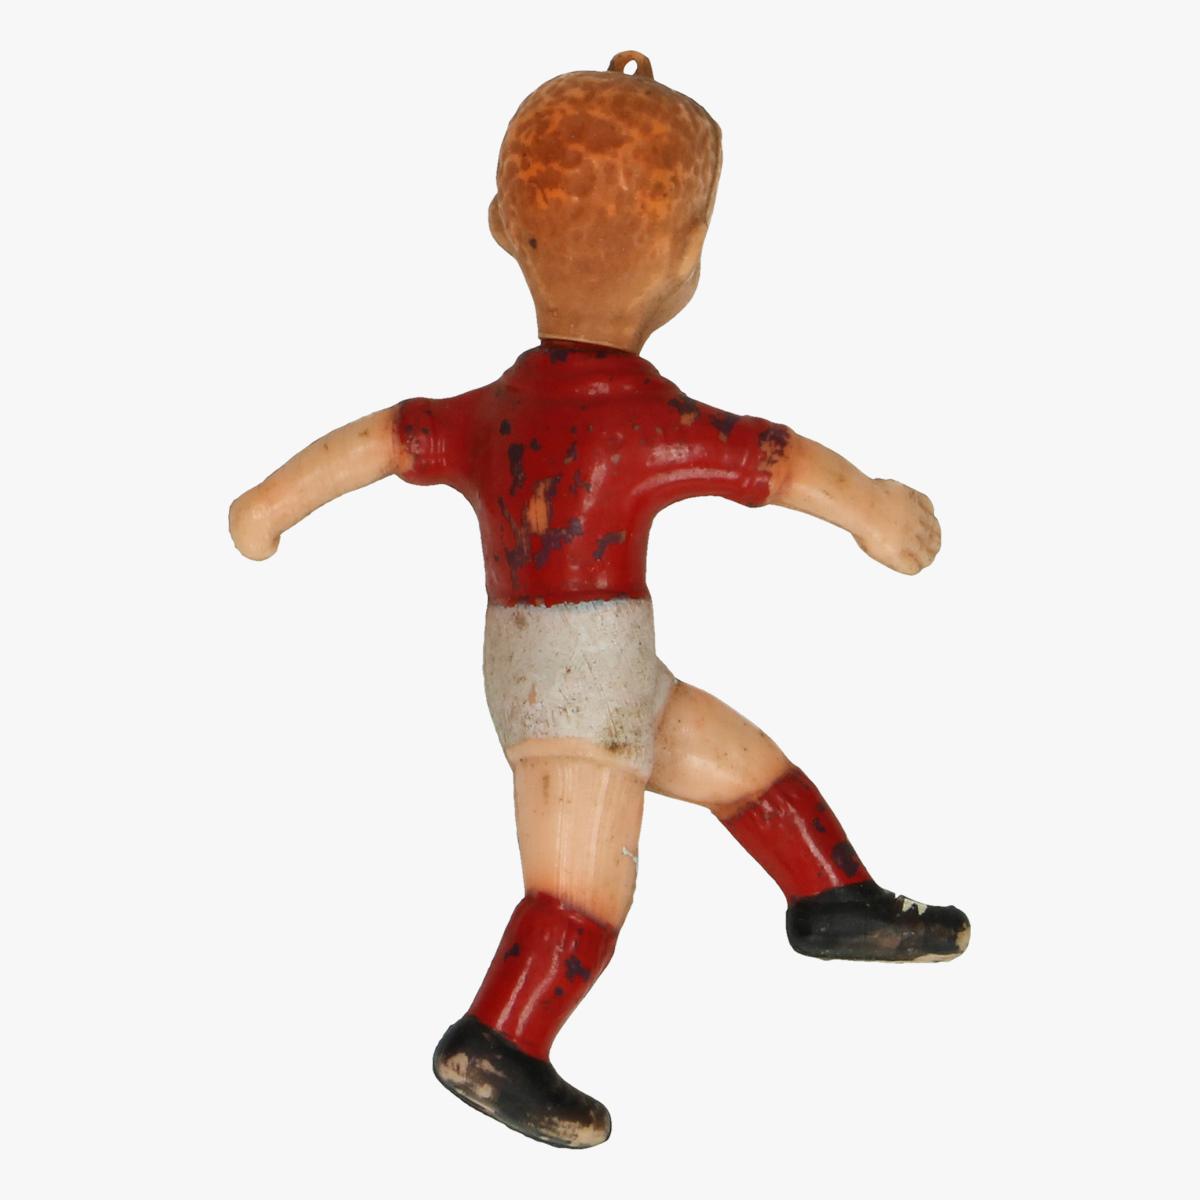 Afbeeldingen van oude plastieken voetballertje